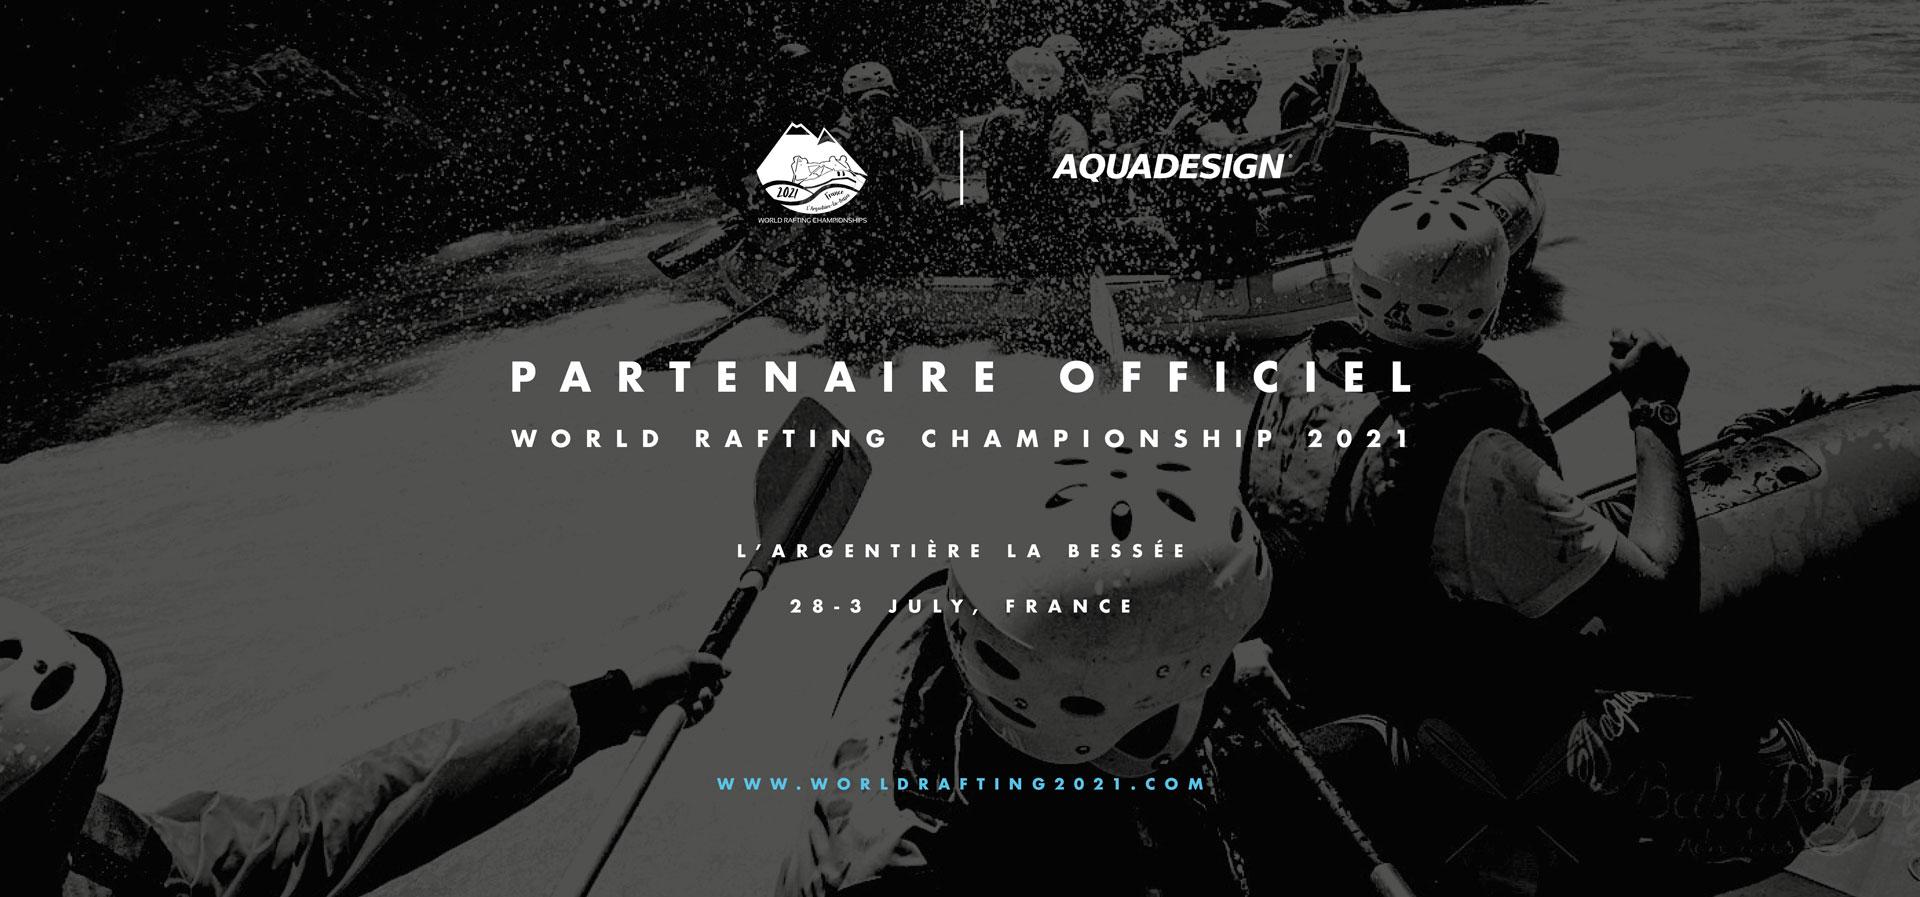 AQUADESIGN Partenaire officiel des championnats du monde de Rafting 2021